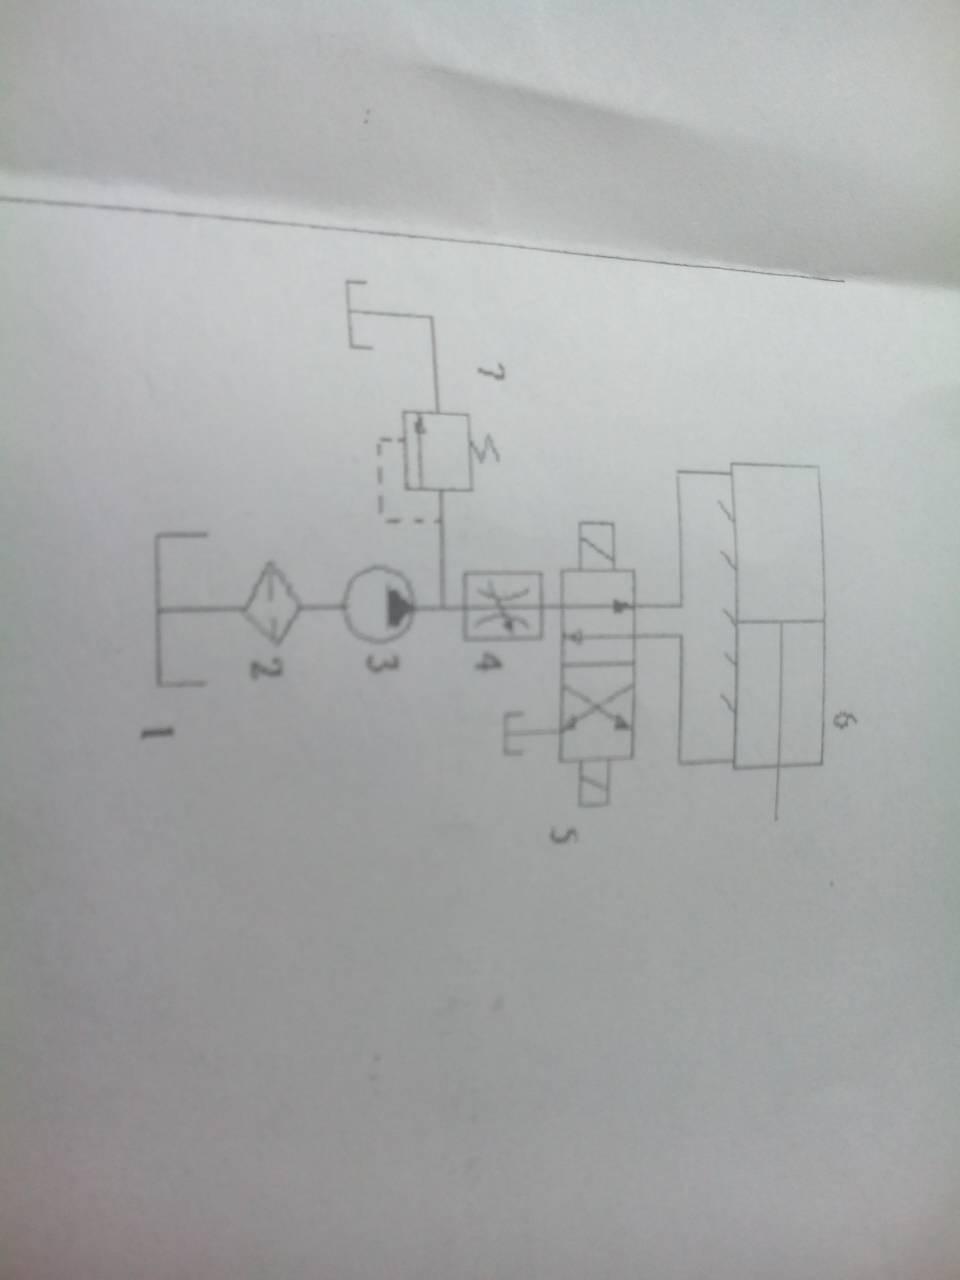 且该泵没有变量符号; 4图片